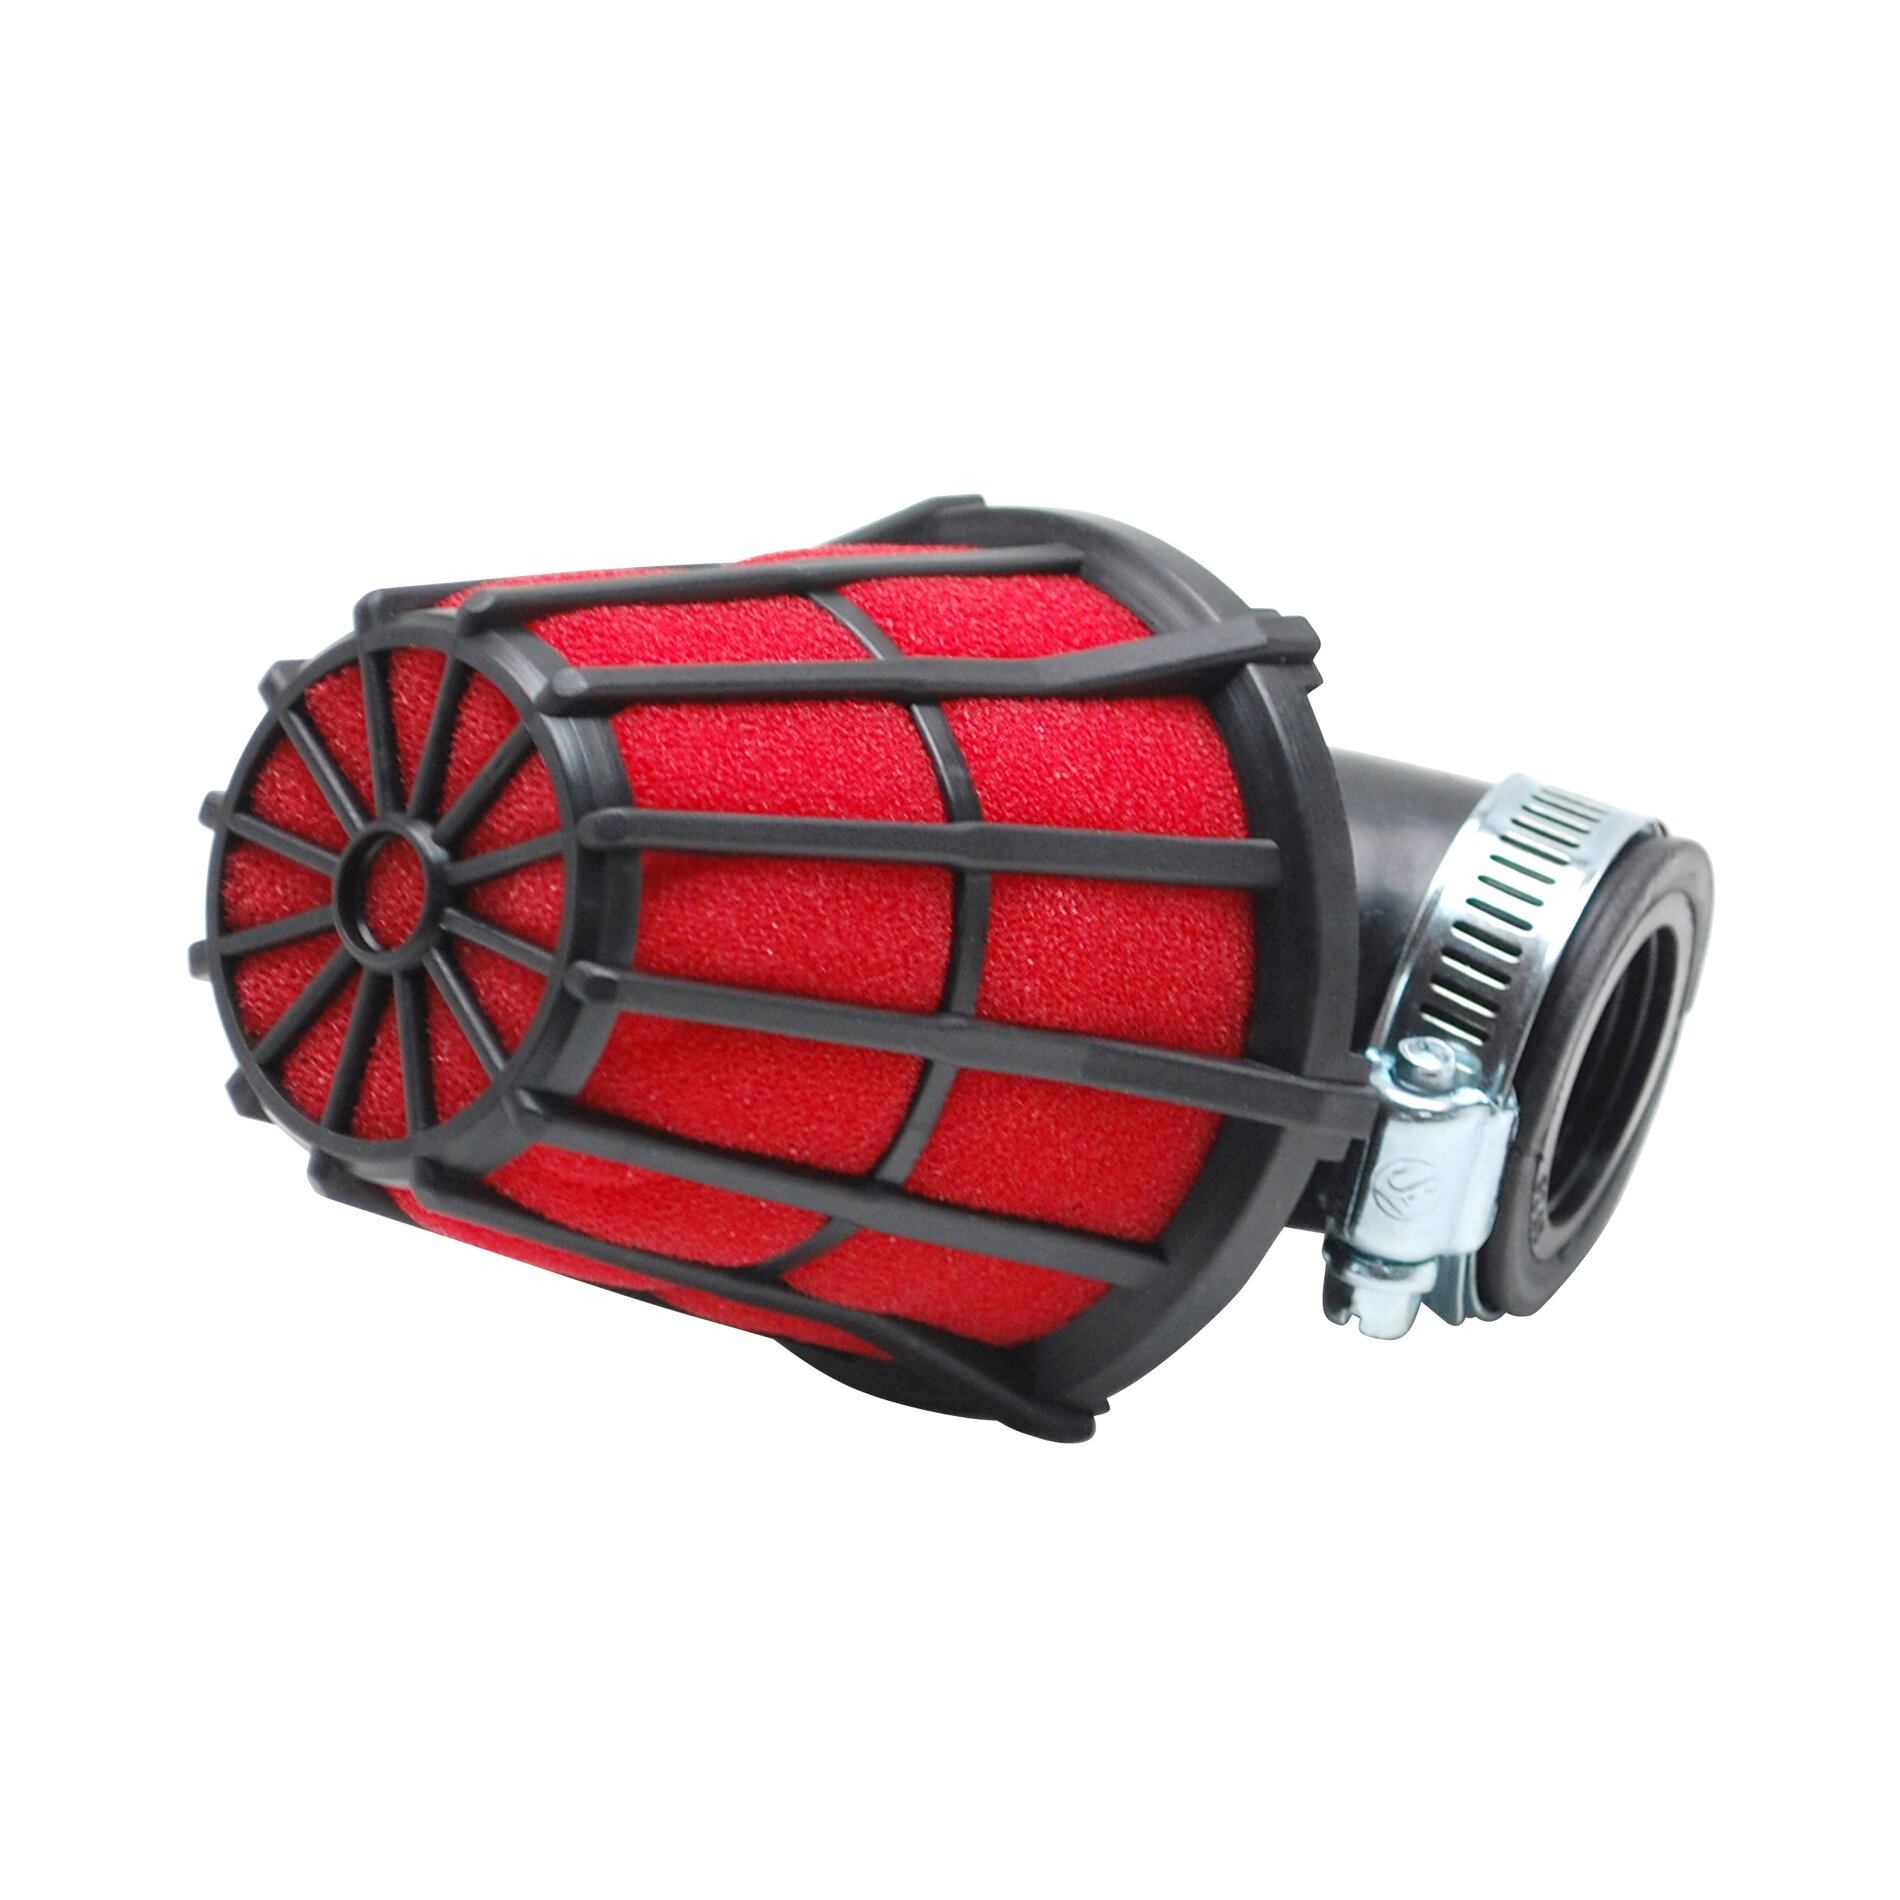 Filtre à air Replay hexagonal noir mousse rouge fixation coude 90 D.